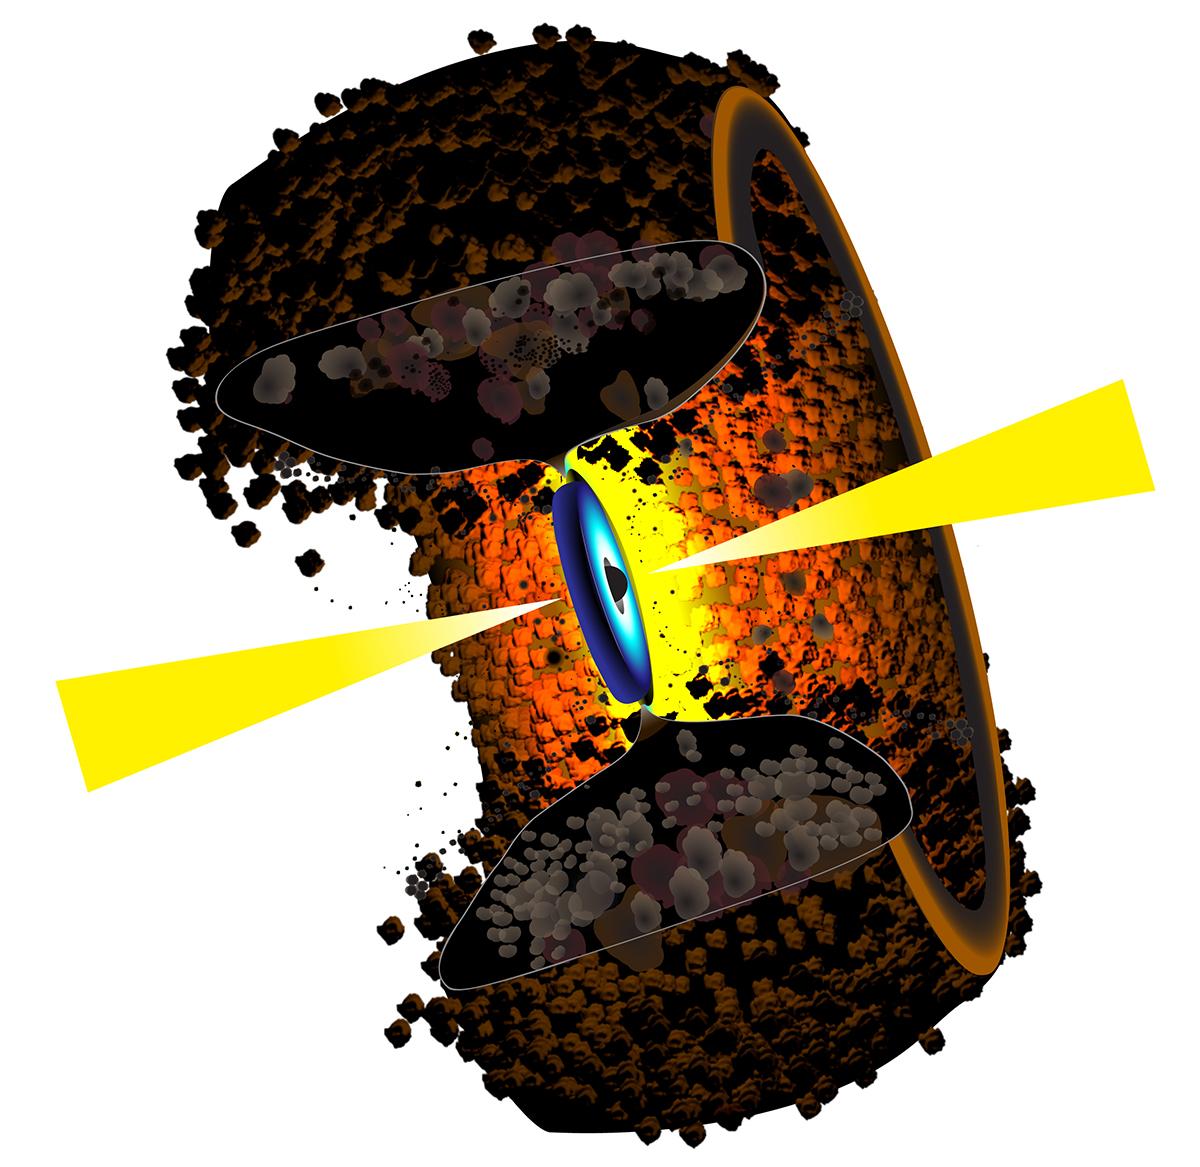 Астрономы впервые разглядели тор из вещества в окрестностях чёрной дыры.